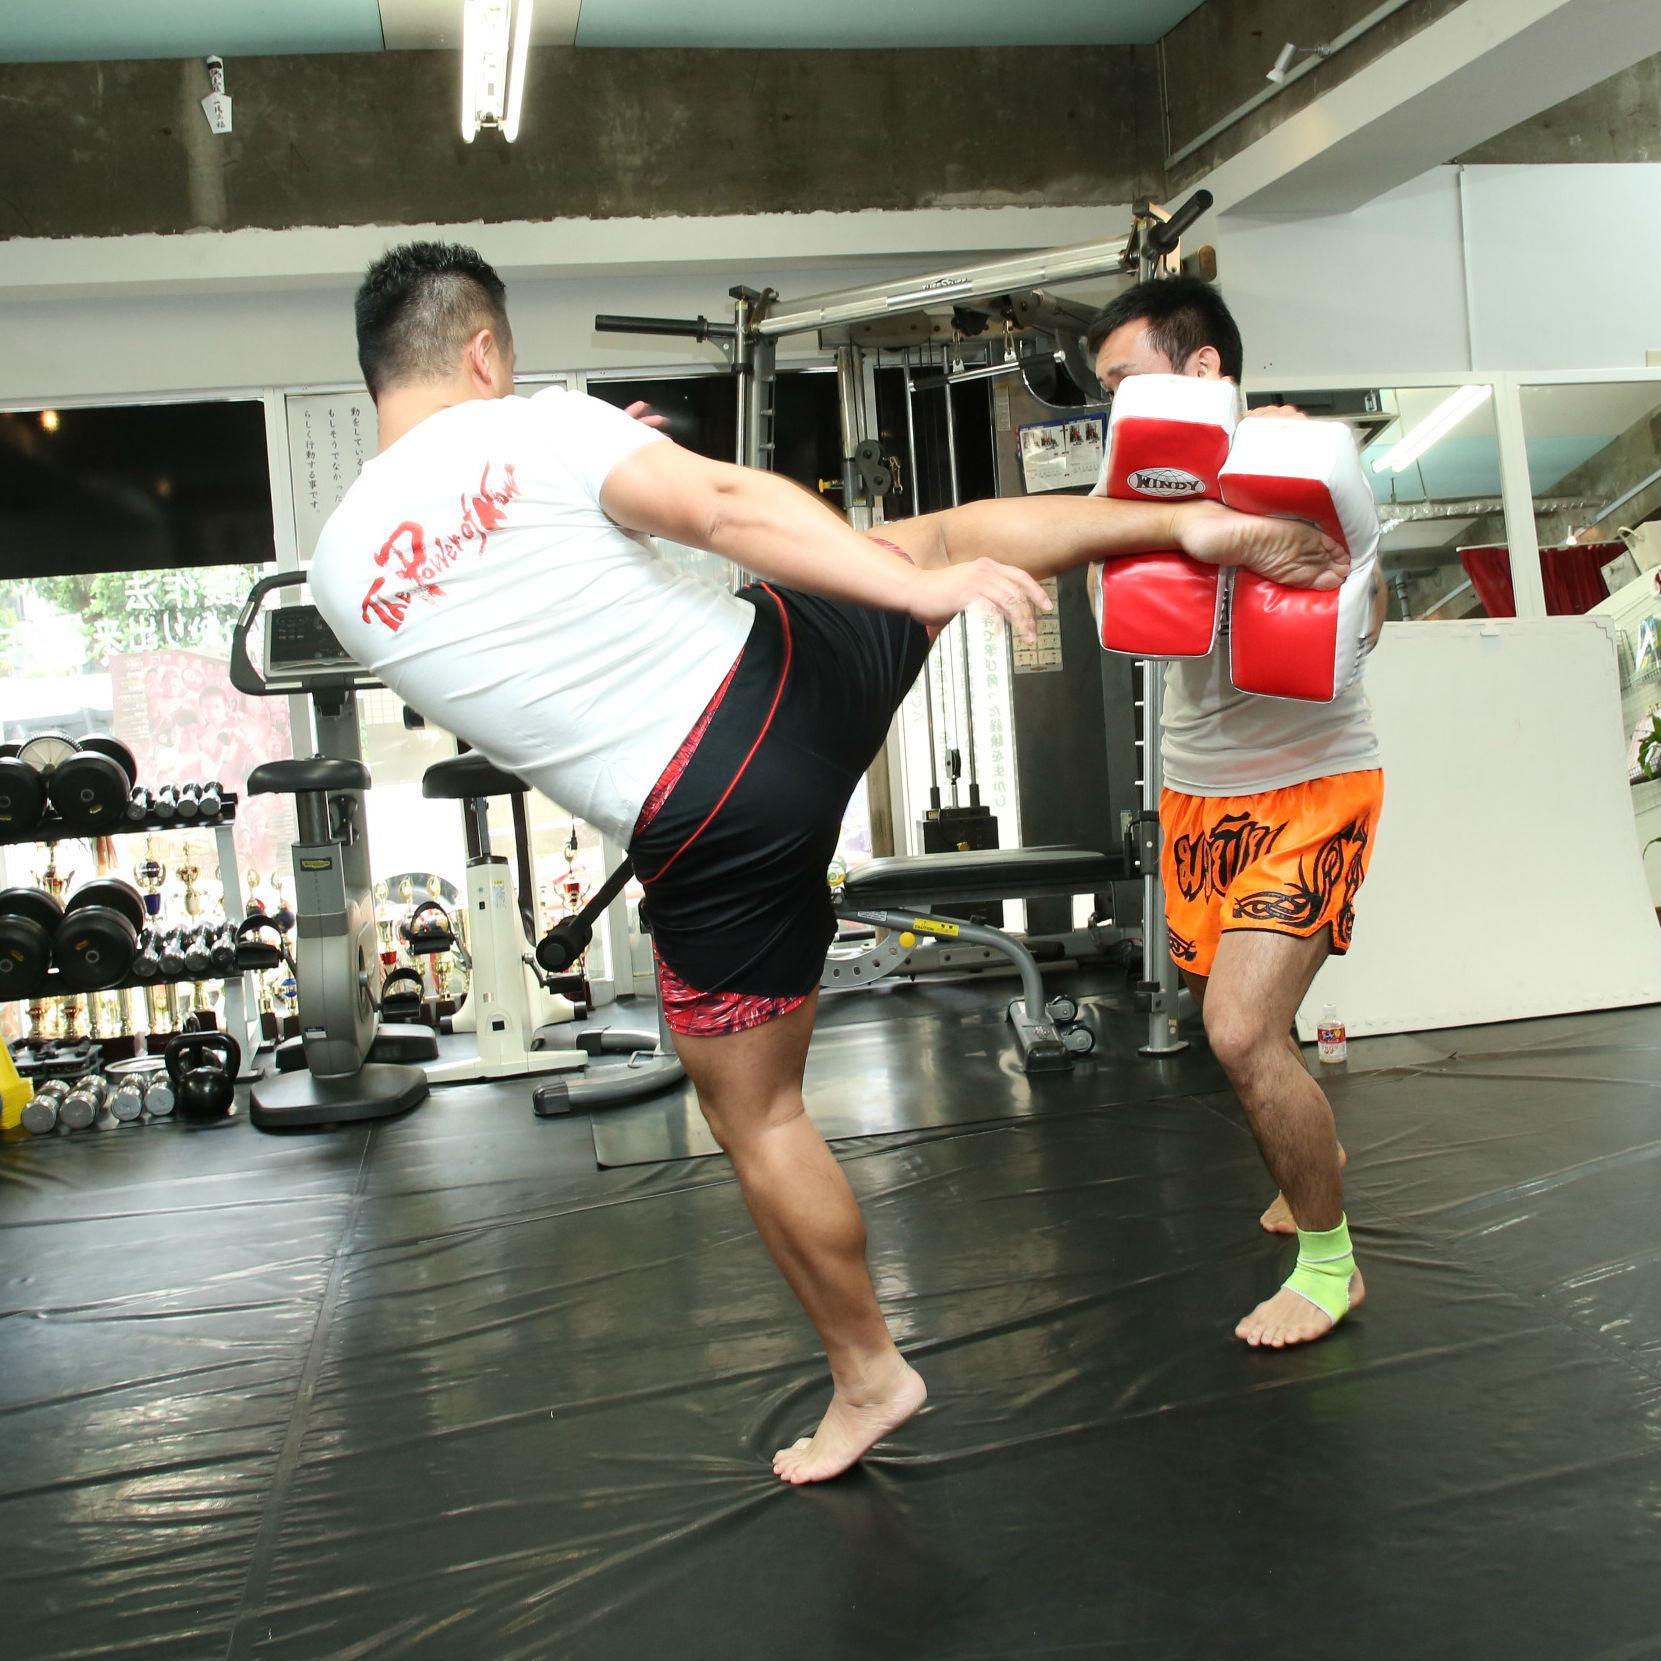 叩いて、蹴って、やせる! ストレス解消&ダイエット効果大のキックボクシング